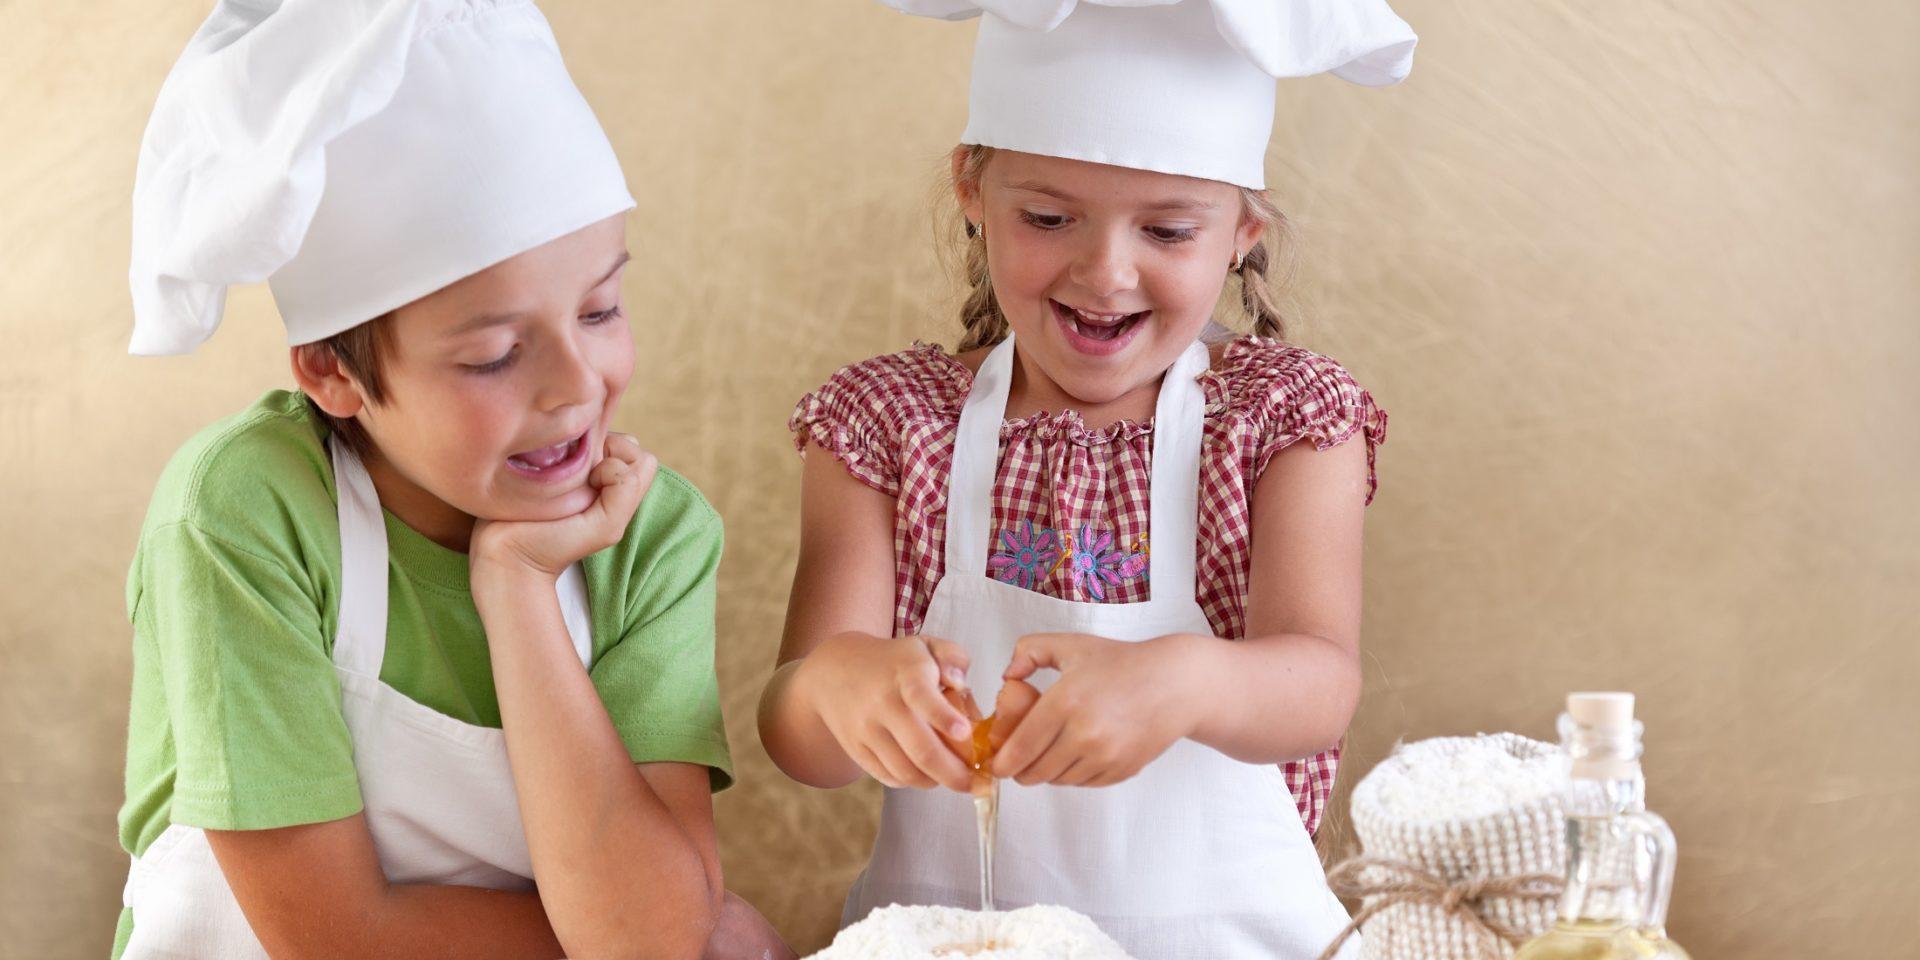 קורס-בישול-ואפייה-מקצועי-לנוער-קיץ